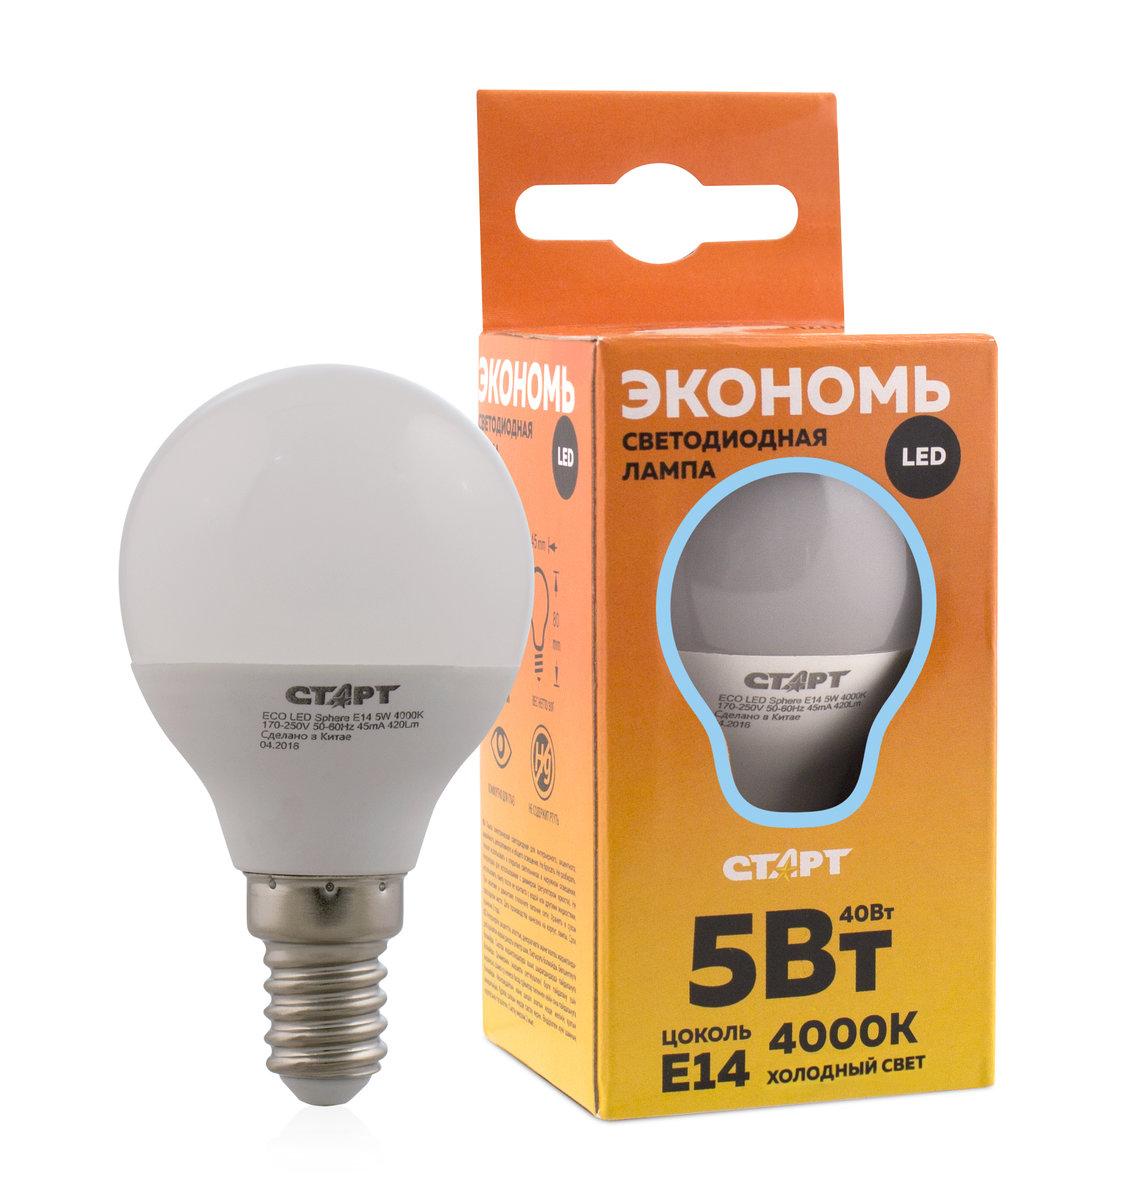 Лампа светодиодная СТАРТ, холодный свет, цоколь E14, 5WTL-100C-Q1Светодиодная лампа СТАРТ – это самый энергоэффективный источник света, при этом имеющий рекордный срок службы. Светодиодные лампы – изделия прочные, не боятся падения с высоты человеческого роста, встрясок и вибраций. Лампа не имеет вредных материалов в своем составе, а также в процессе эксплуатации светодиодная лампа не излучает ИК- и УФ-лучи.Мощность, Вт: 5.Световой поток, Лм: 400.Напряжение: 220-240 V.Цоколь: E14.Угол светового пучка: 240°.Цветовая температура, К: 4000.Срок службы, часов: 15000.